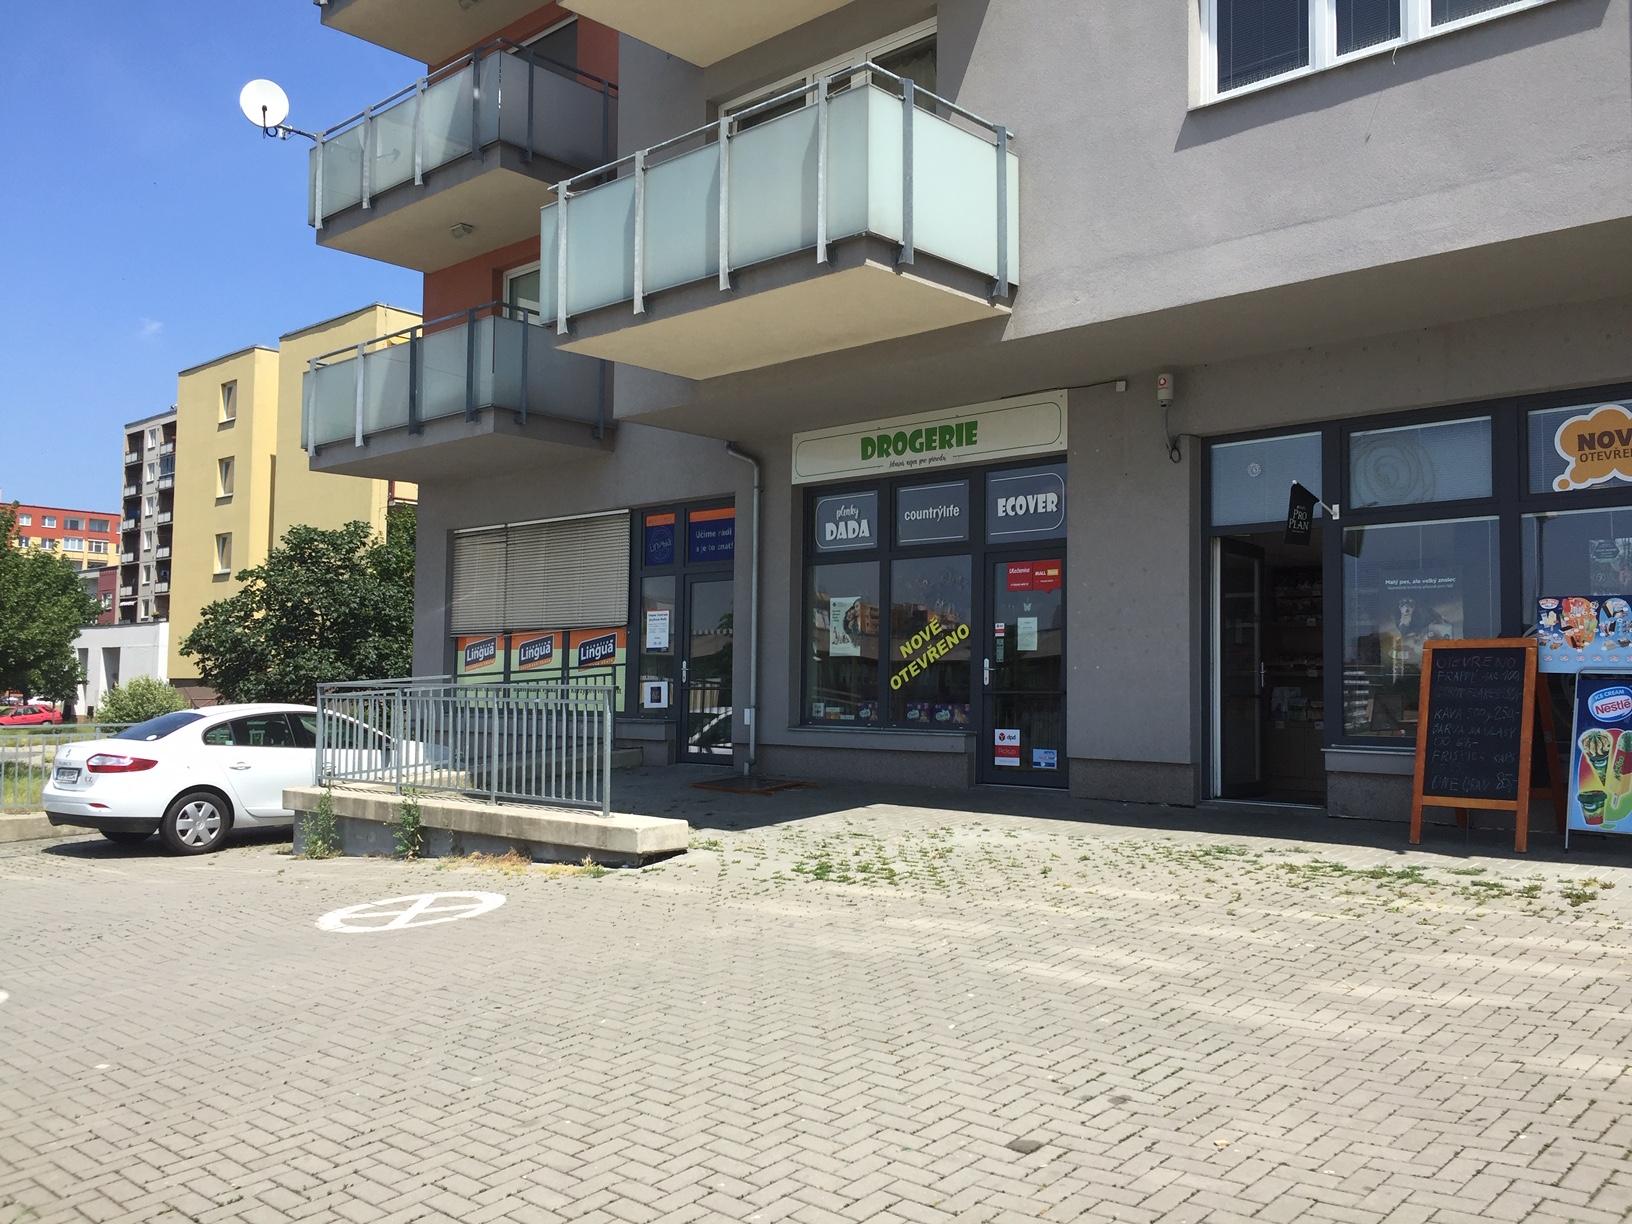 Pobočka Olomouc, Družební 2 (Zdravá drogerie)